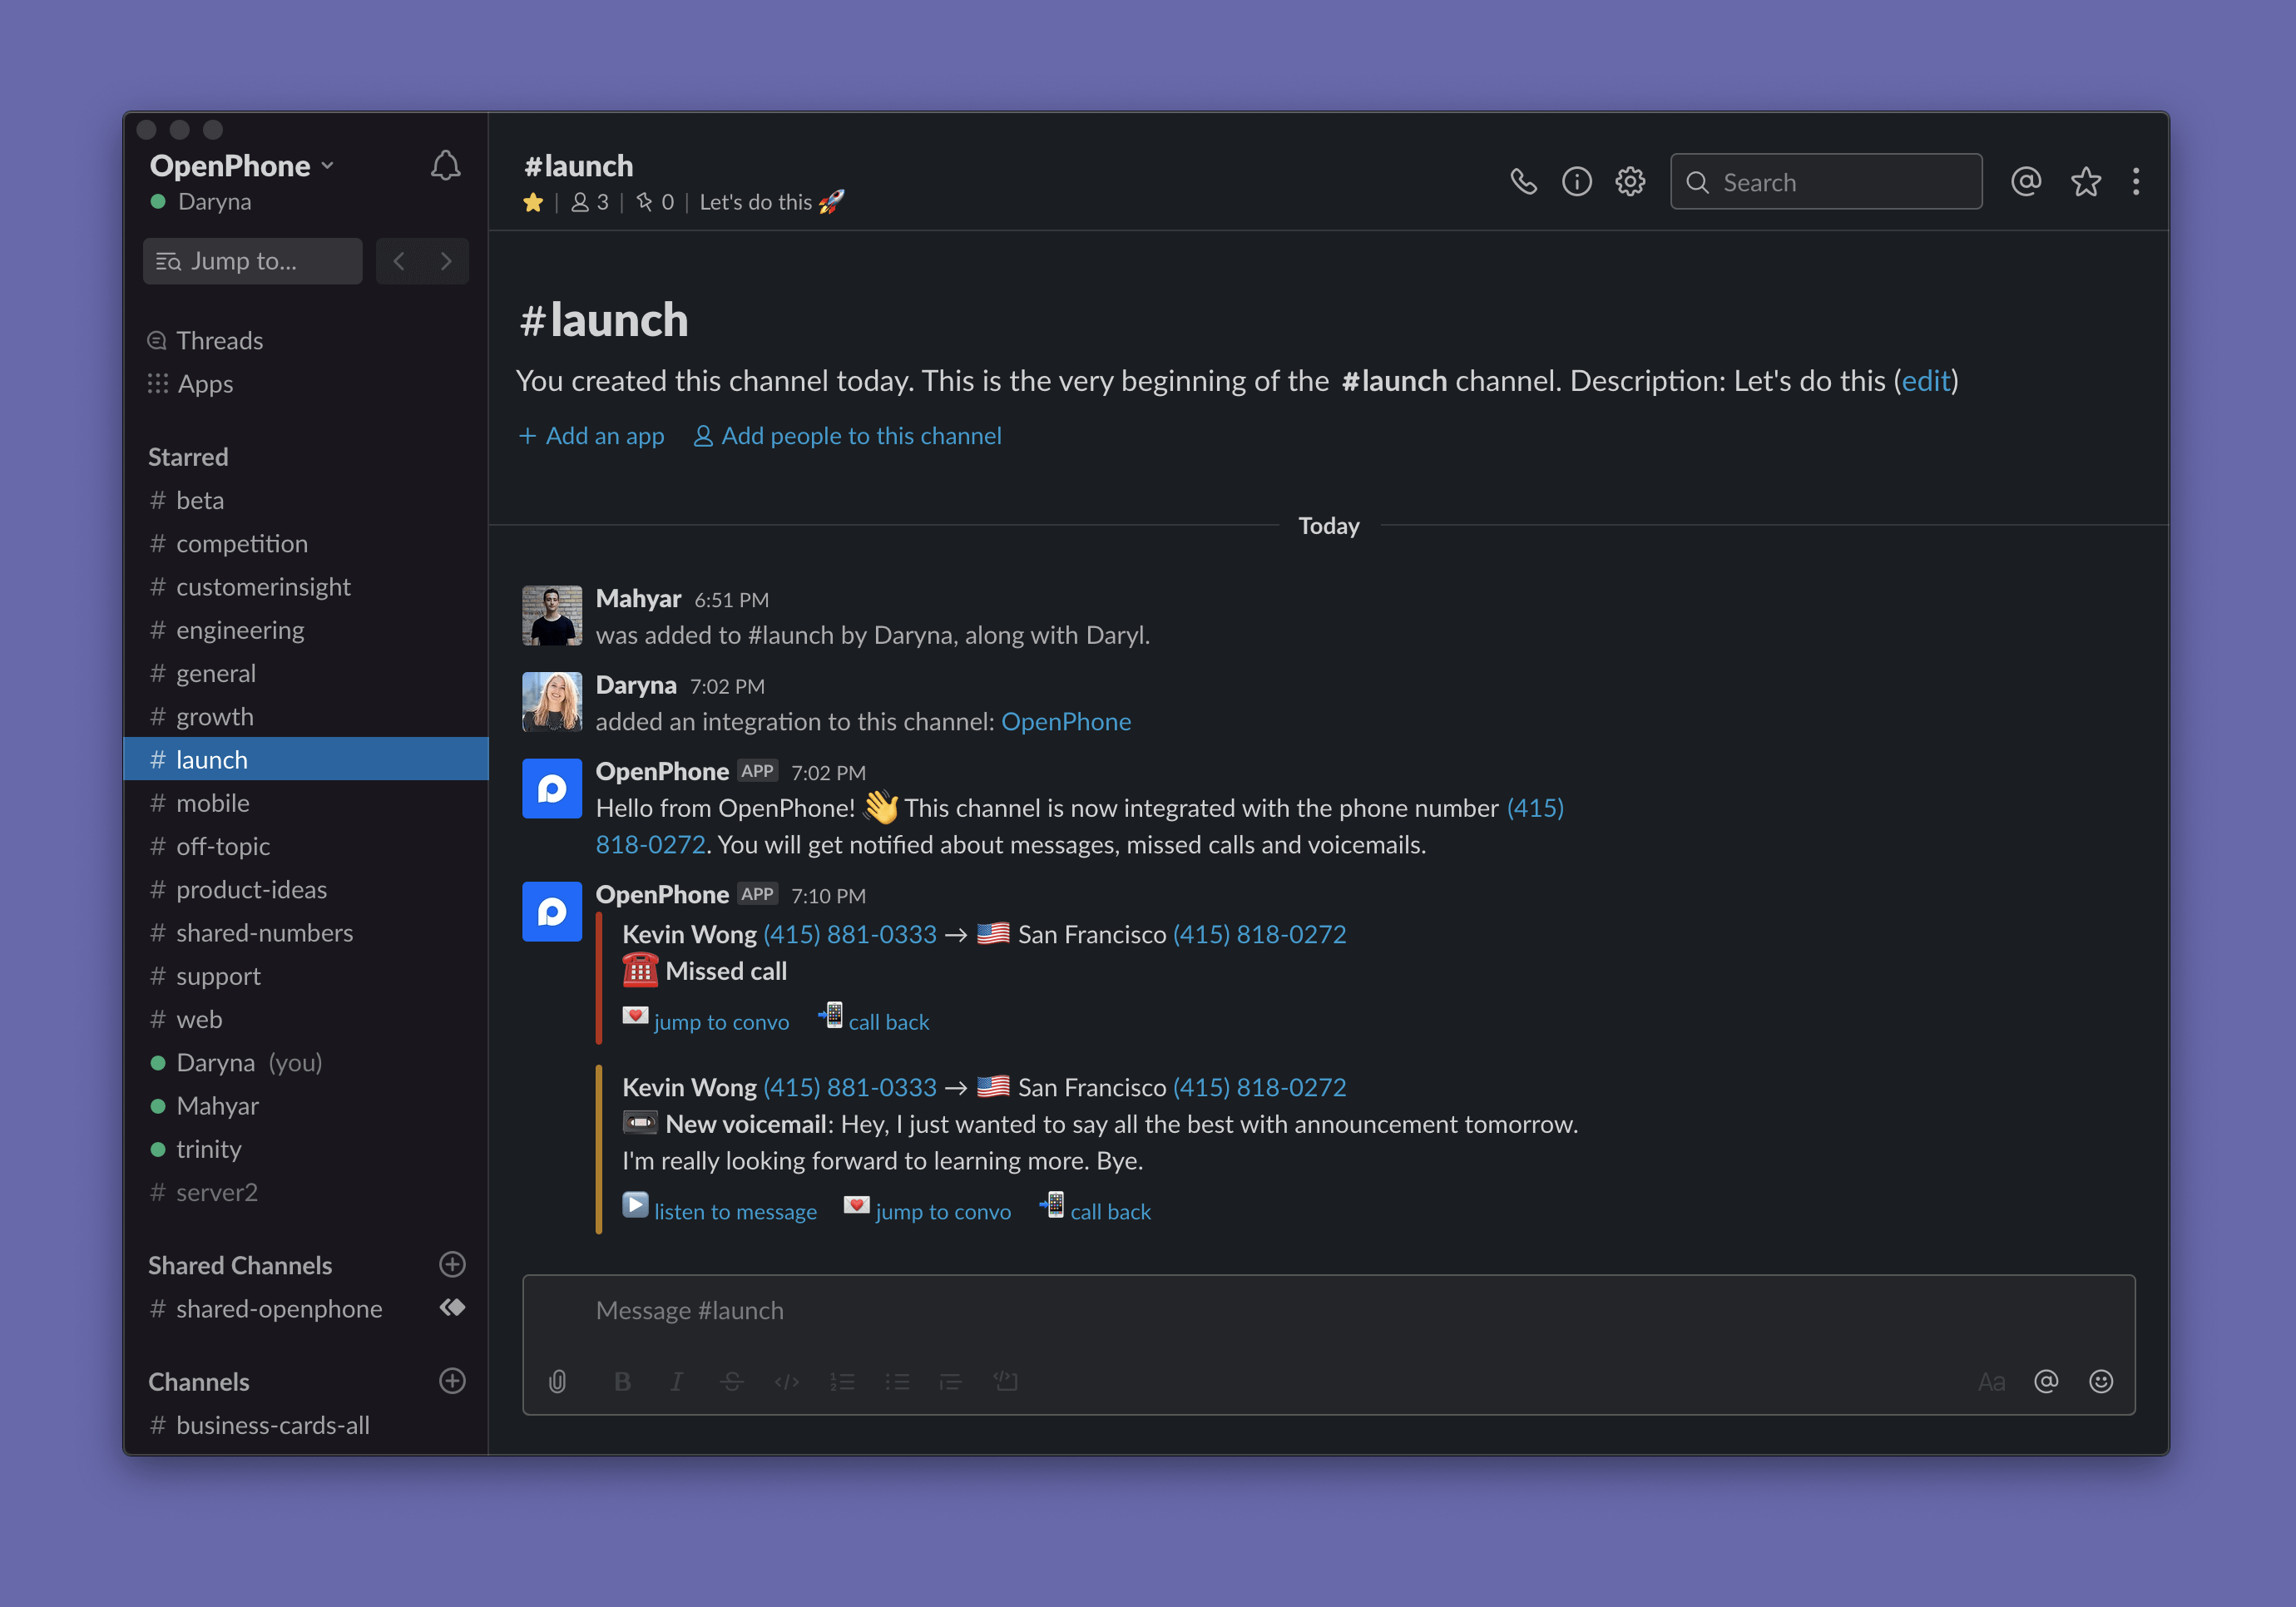 OpenPhone notification in a Slack channel